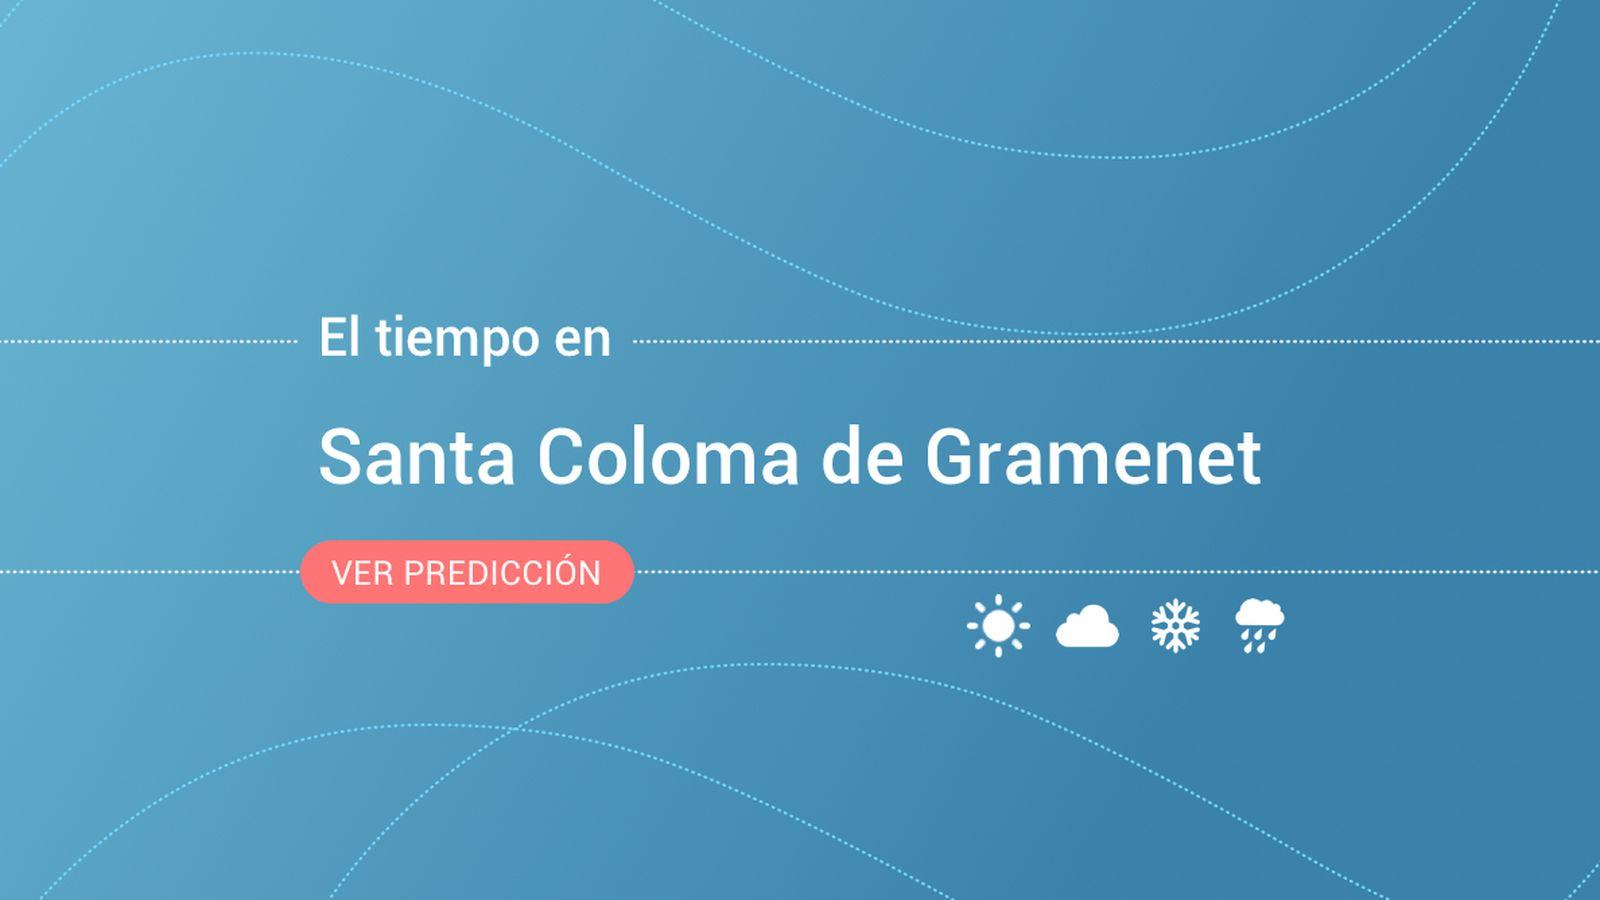 Foto: El tiempo en Santa Coloma de Gramenet. (EC)